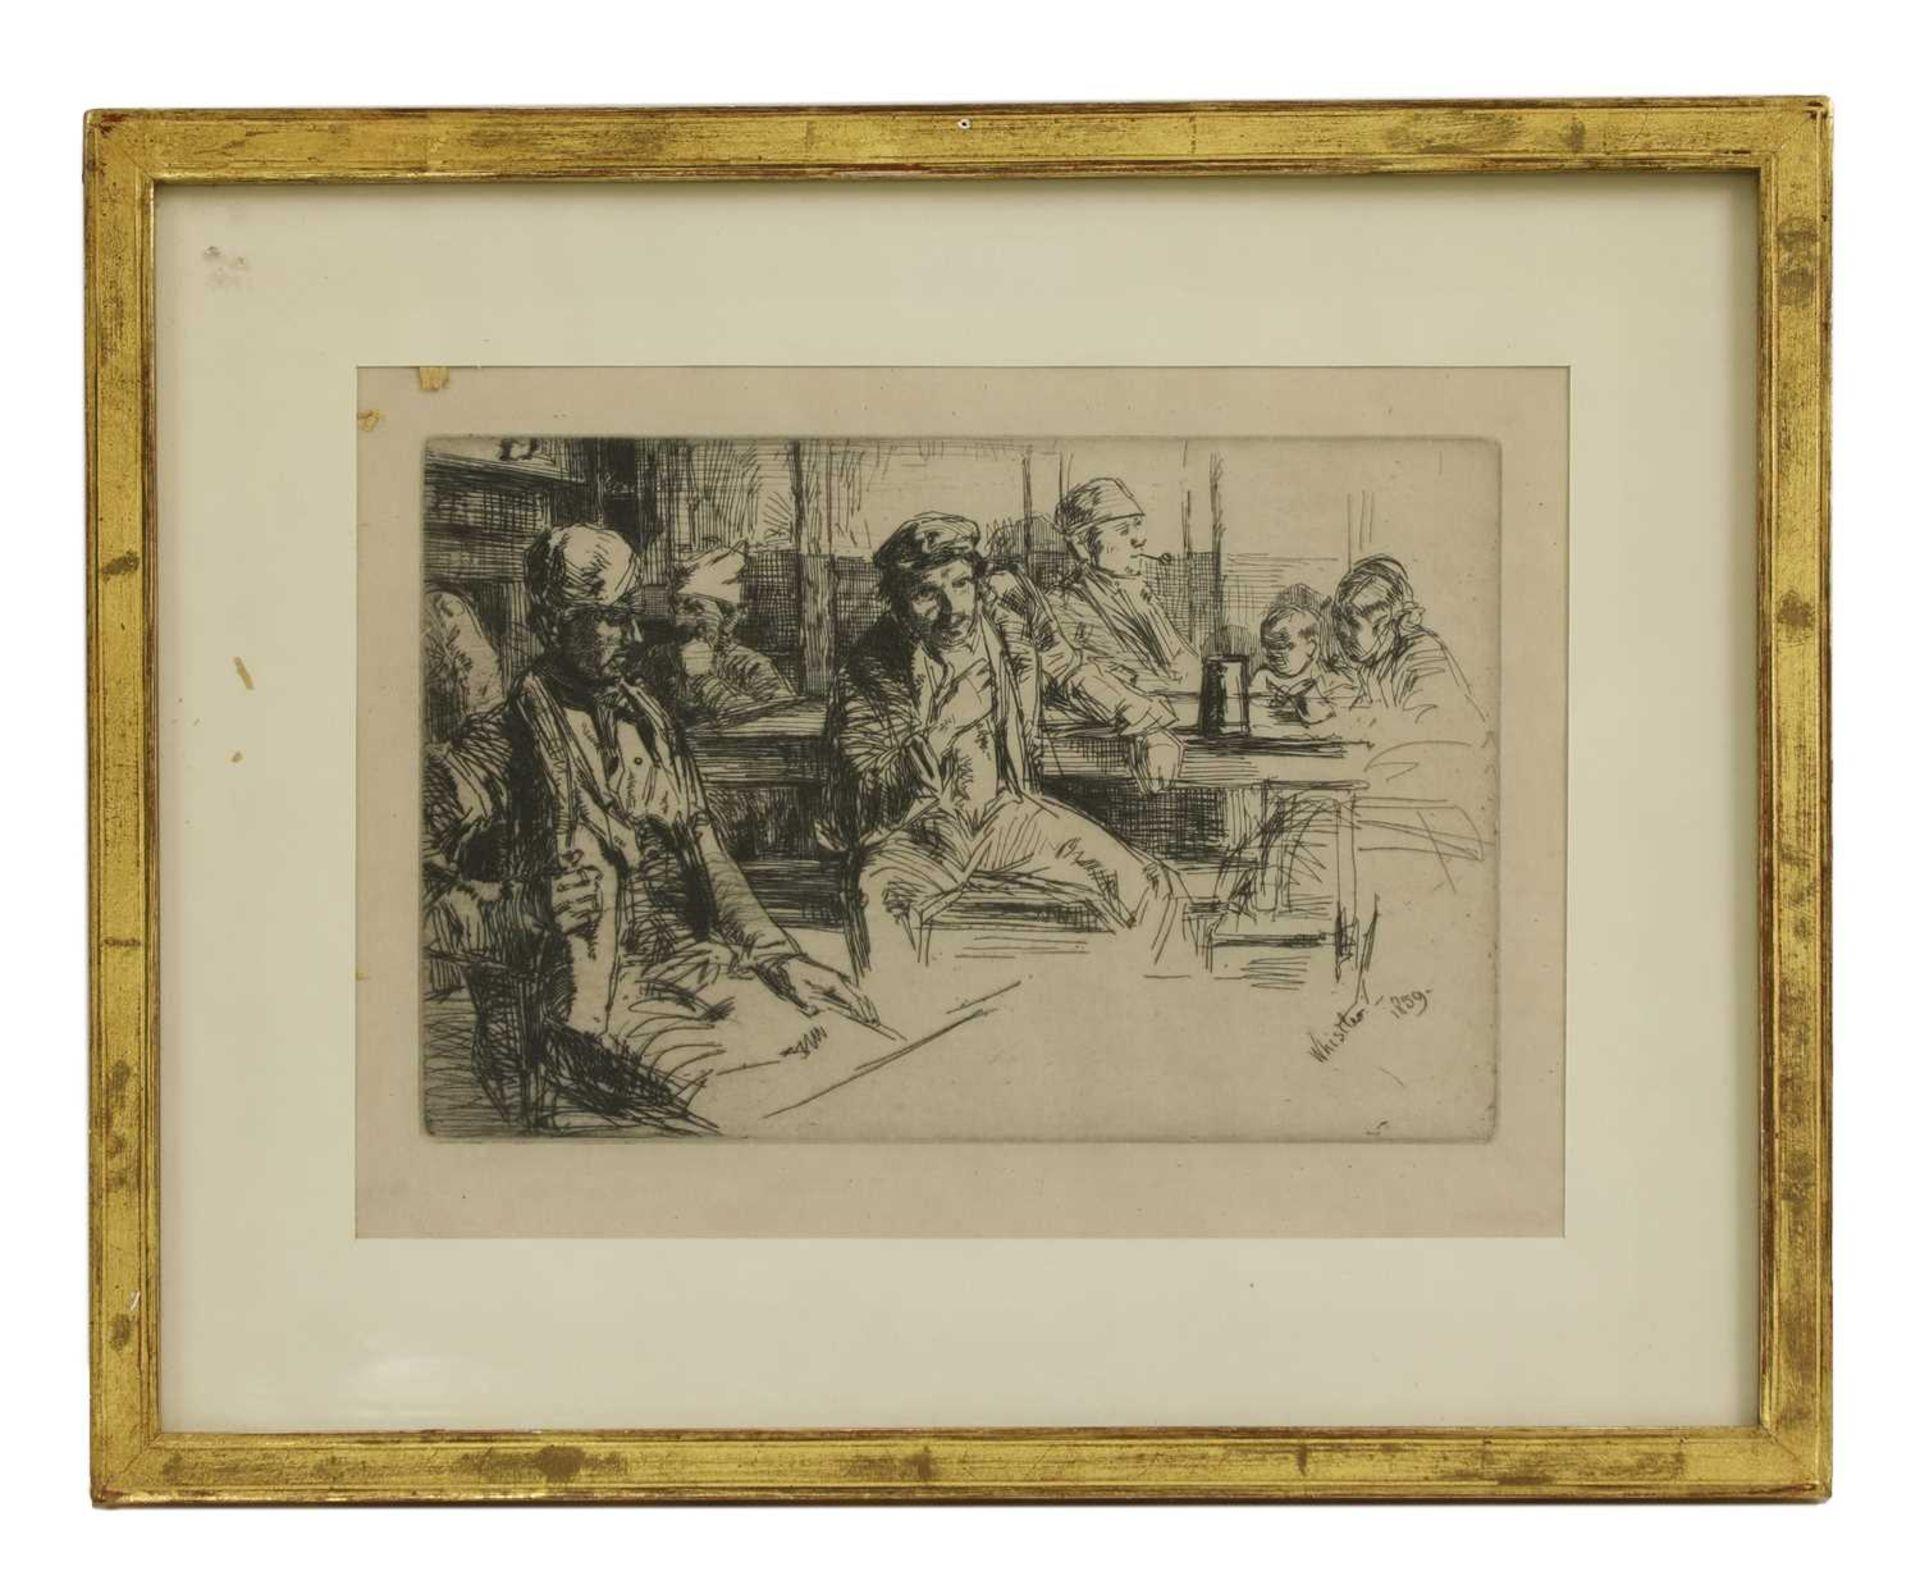 JAMES ABBOTT MCNEILL WHISTLER (1834-1903) - Image 2 of 3